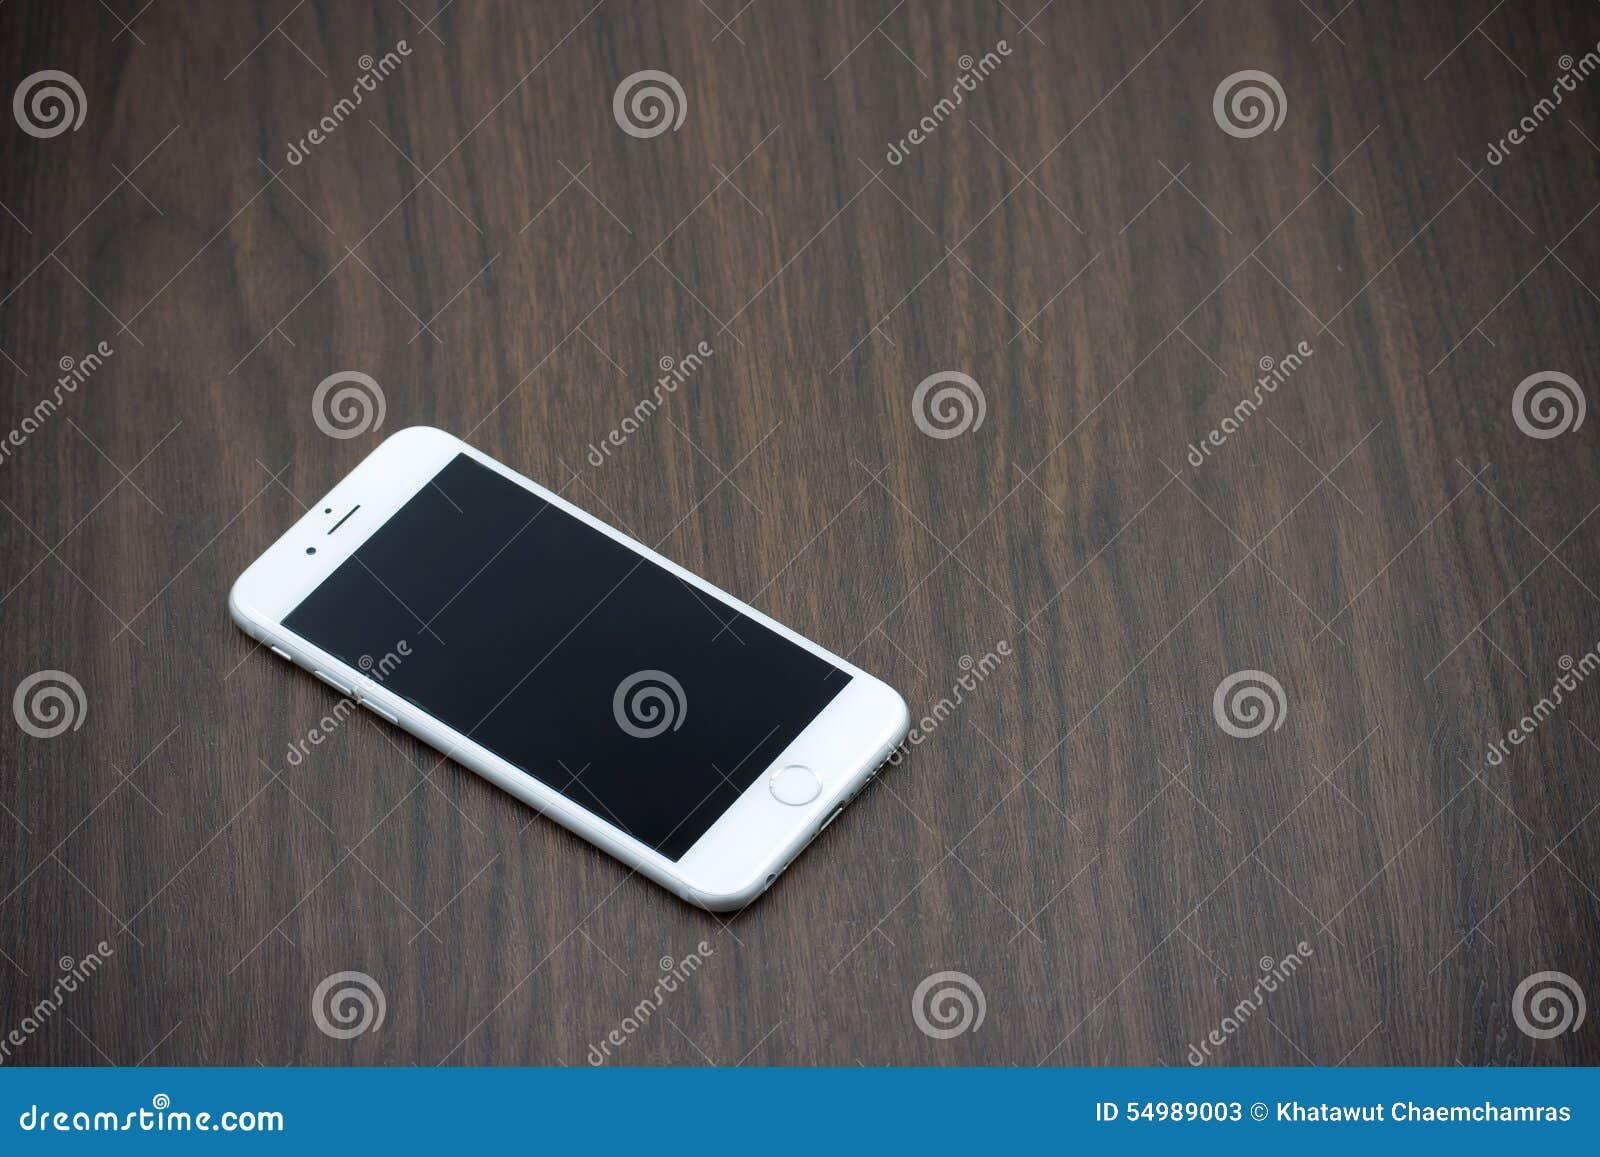 Apple Iphone 6 i vit färg med den tomma skärmen som lägger på trä